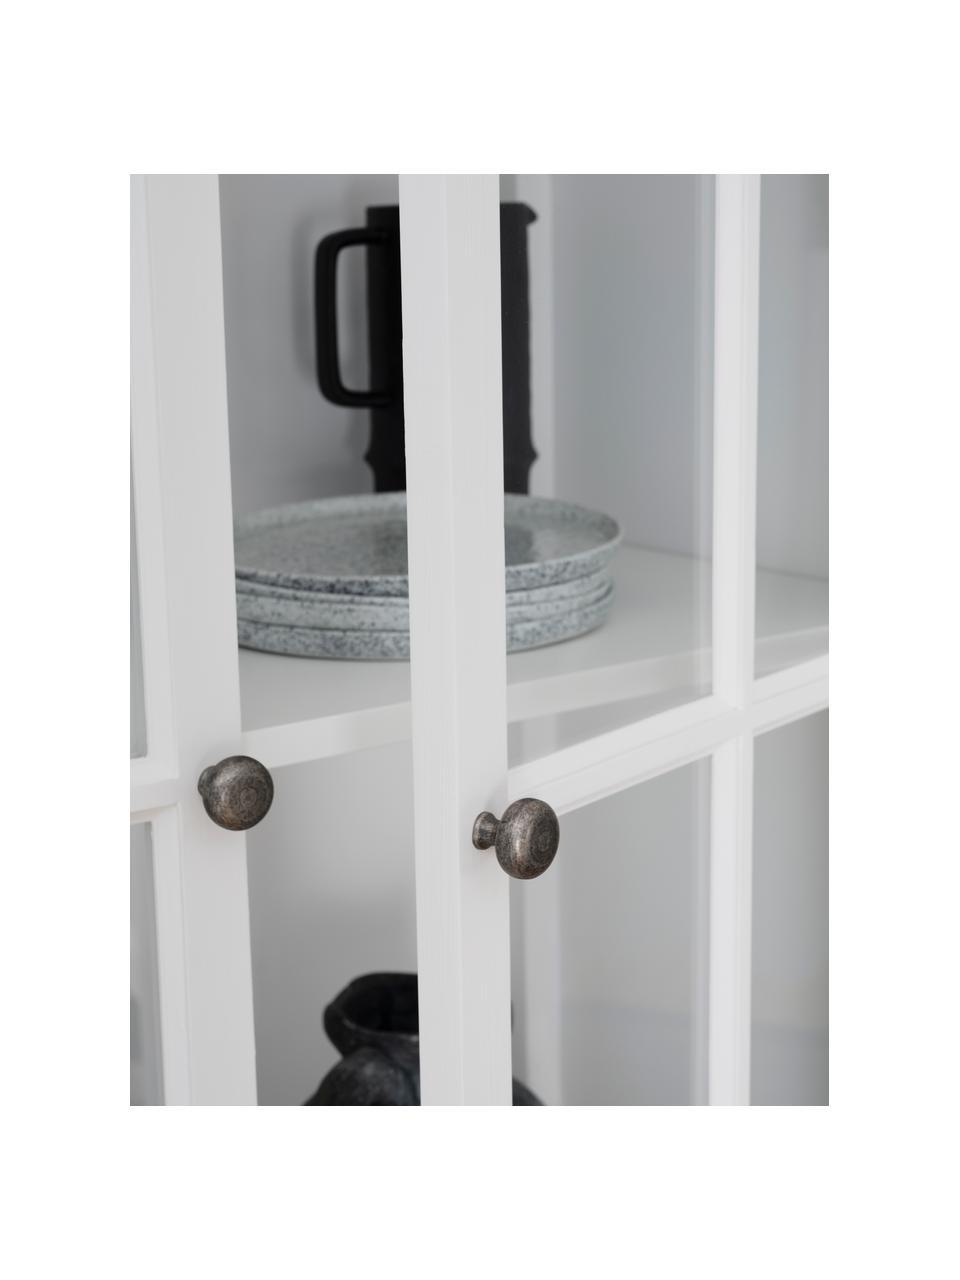 Witryna ze szklanymi drzwiczkami Lorient, Drewno sosnowe, lakierowane, płyta pilśniowa średniej gęstości (MDF), Biały, S 95 x W 185 cm